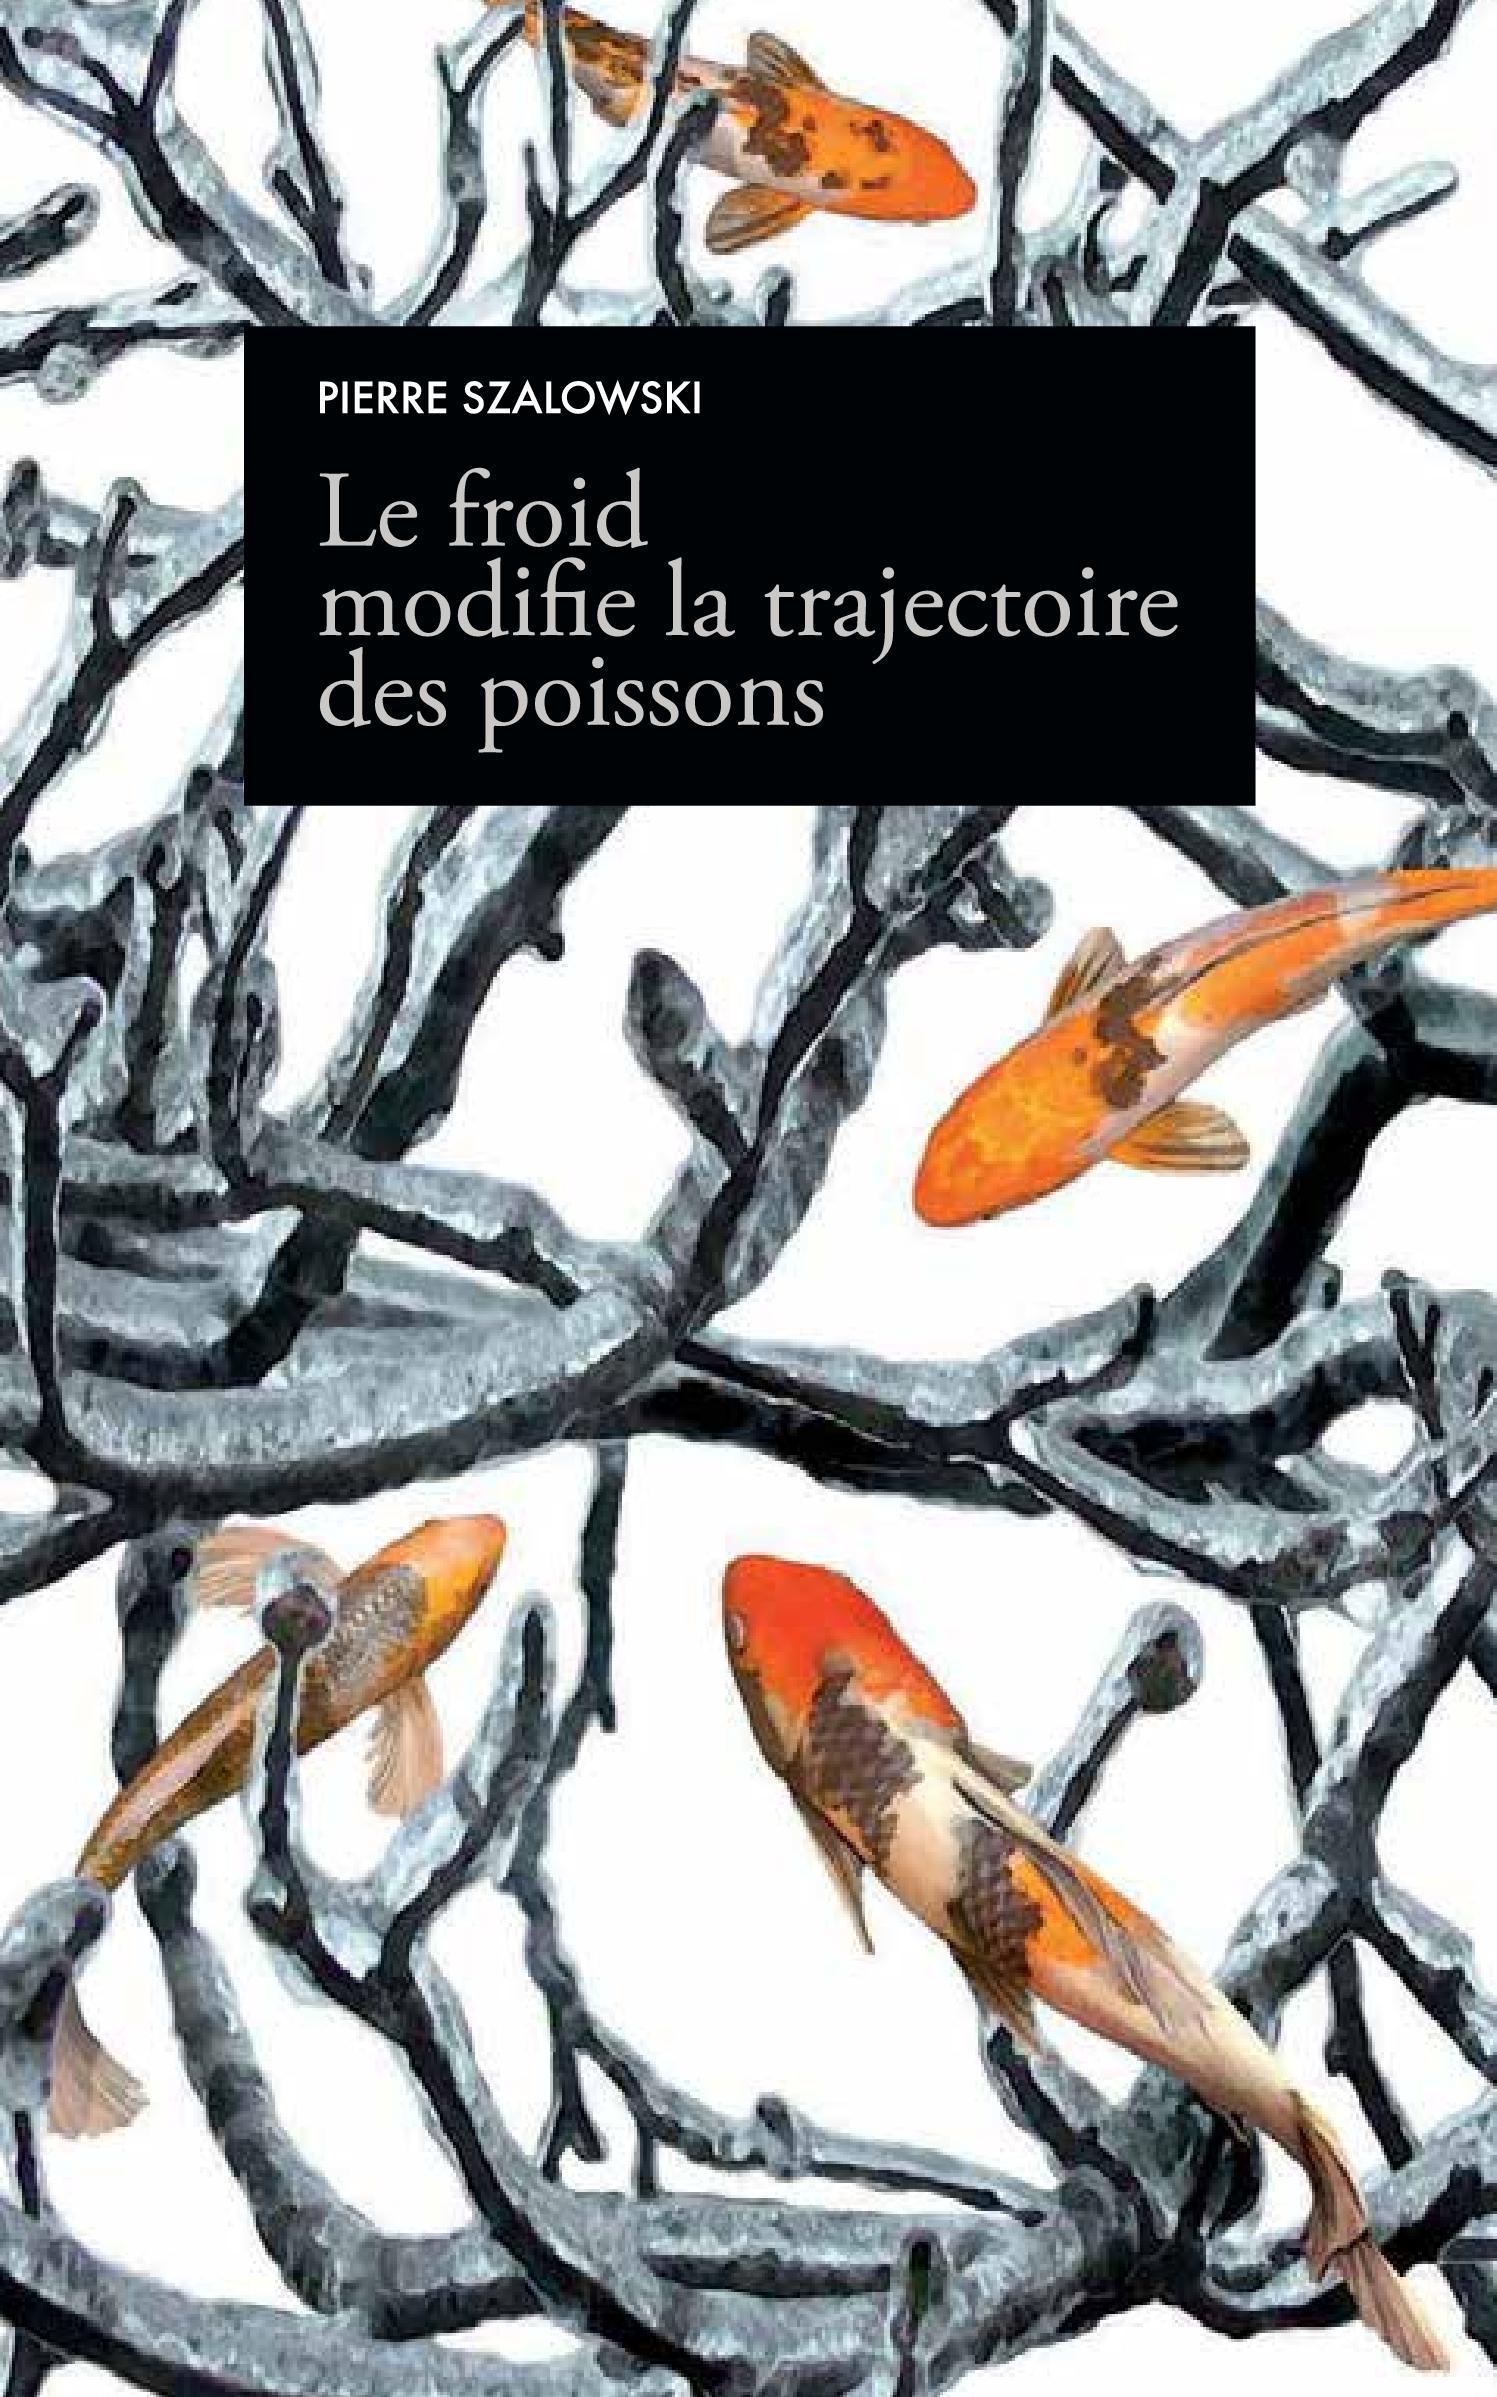 Le froid modifie la trajectoire des poissons